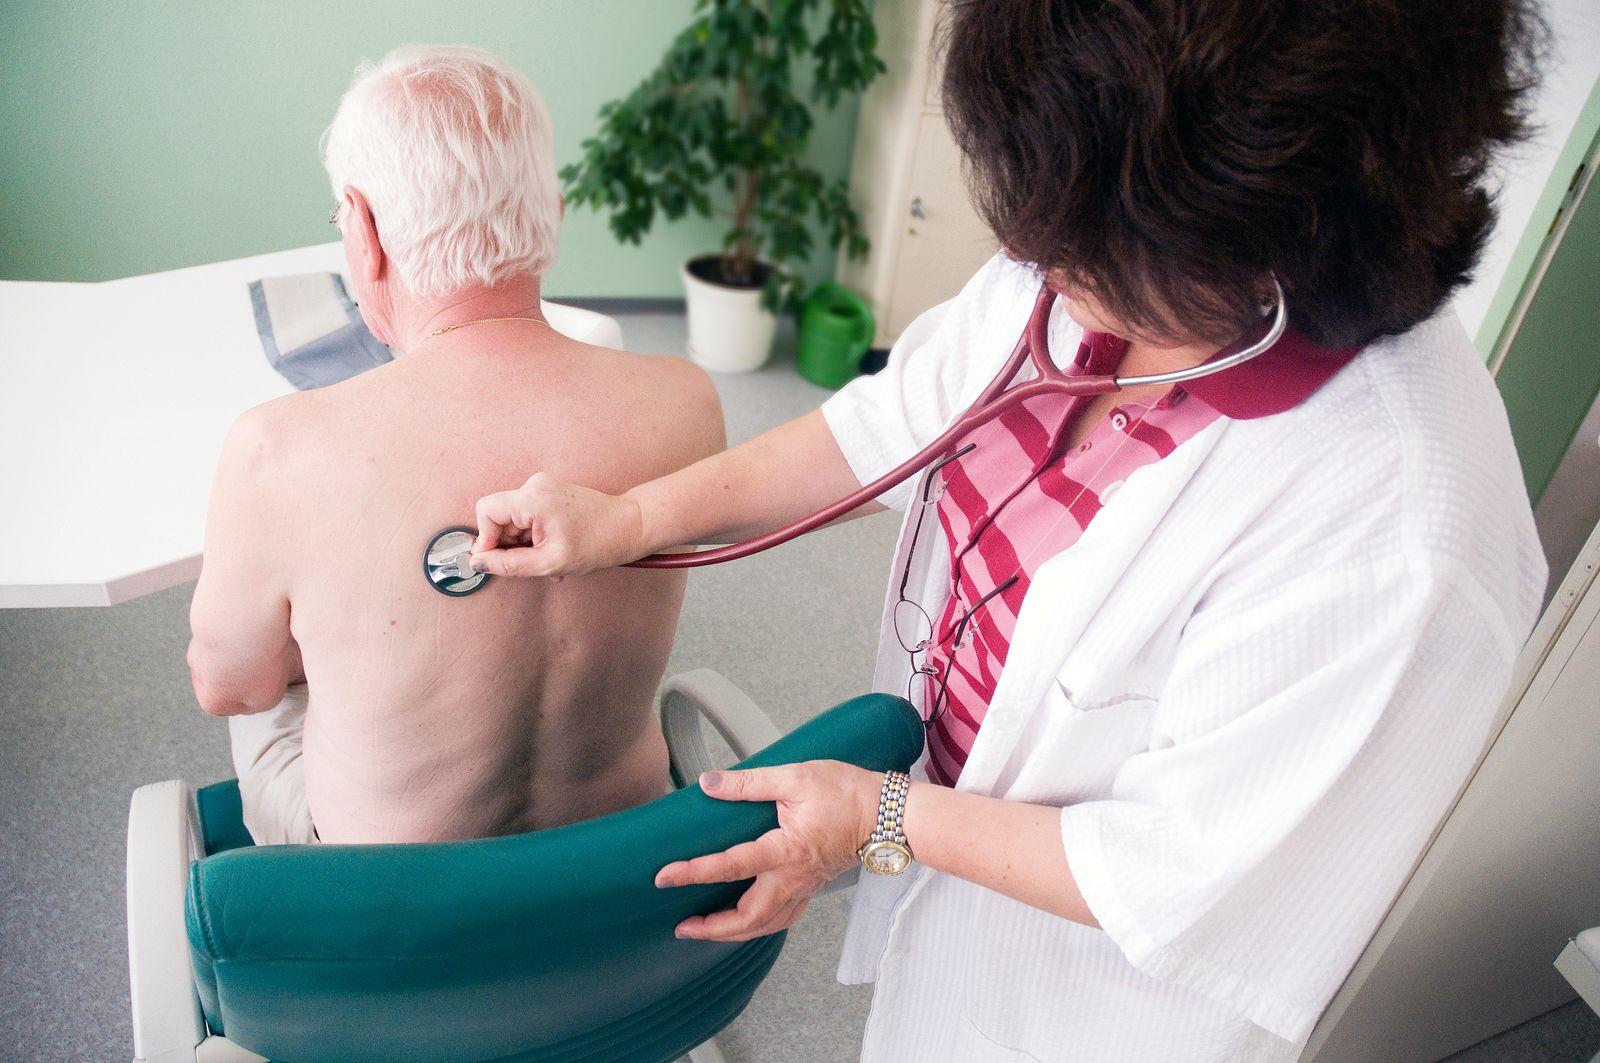 Arzt / Praxis / Arztpraxis/ Gesundheit / Patient / Hausarzt / Landarzt / Versicherungen